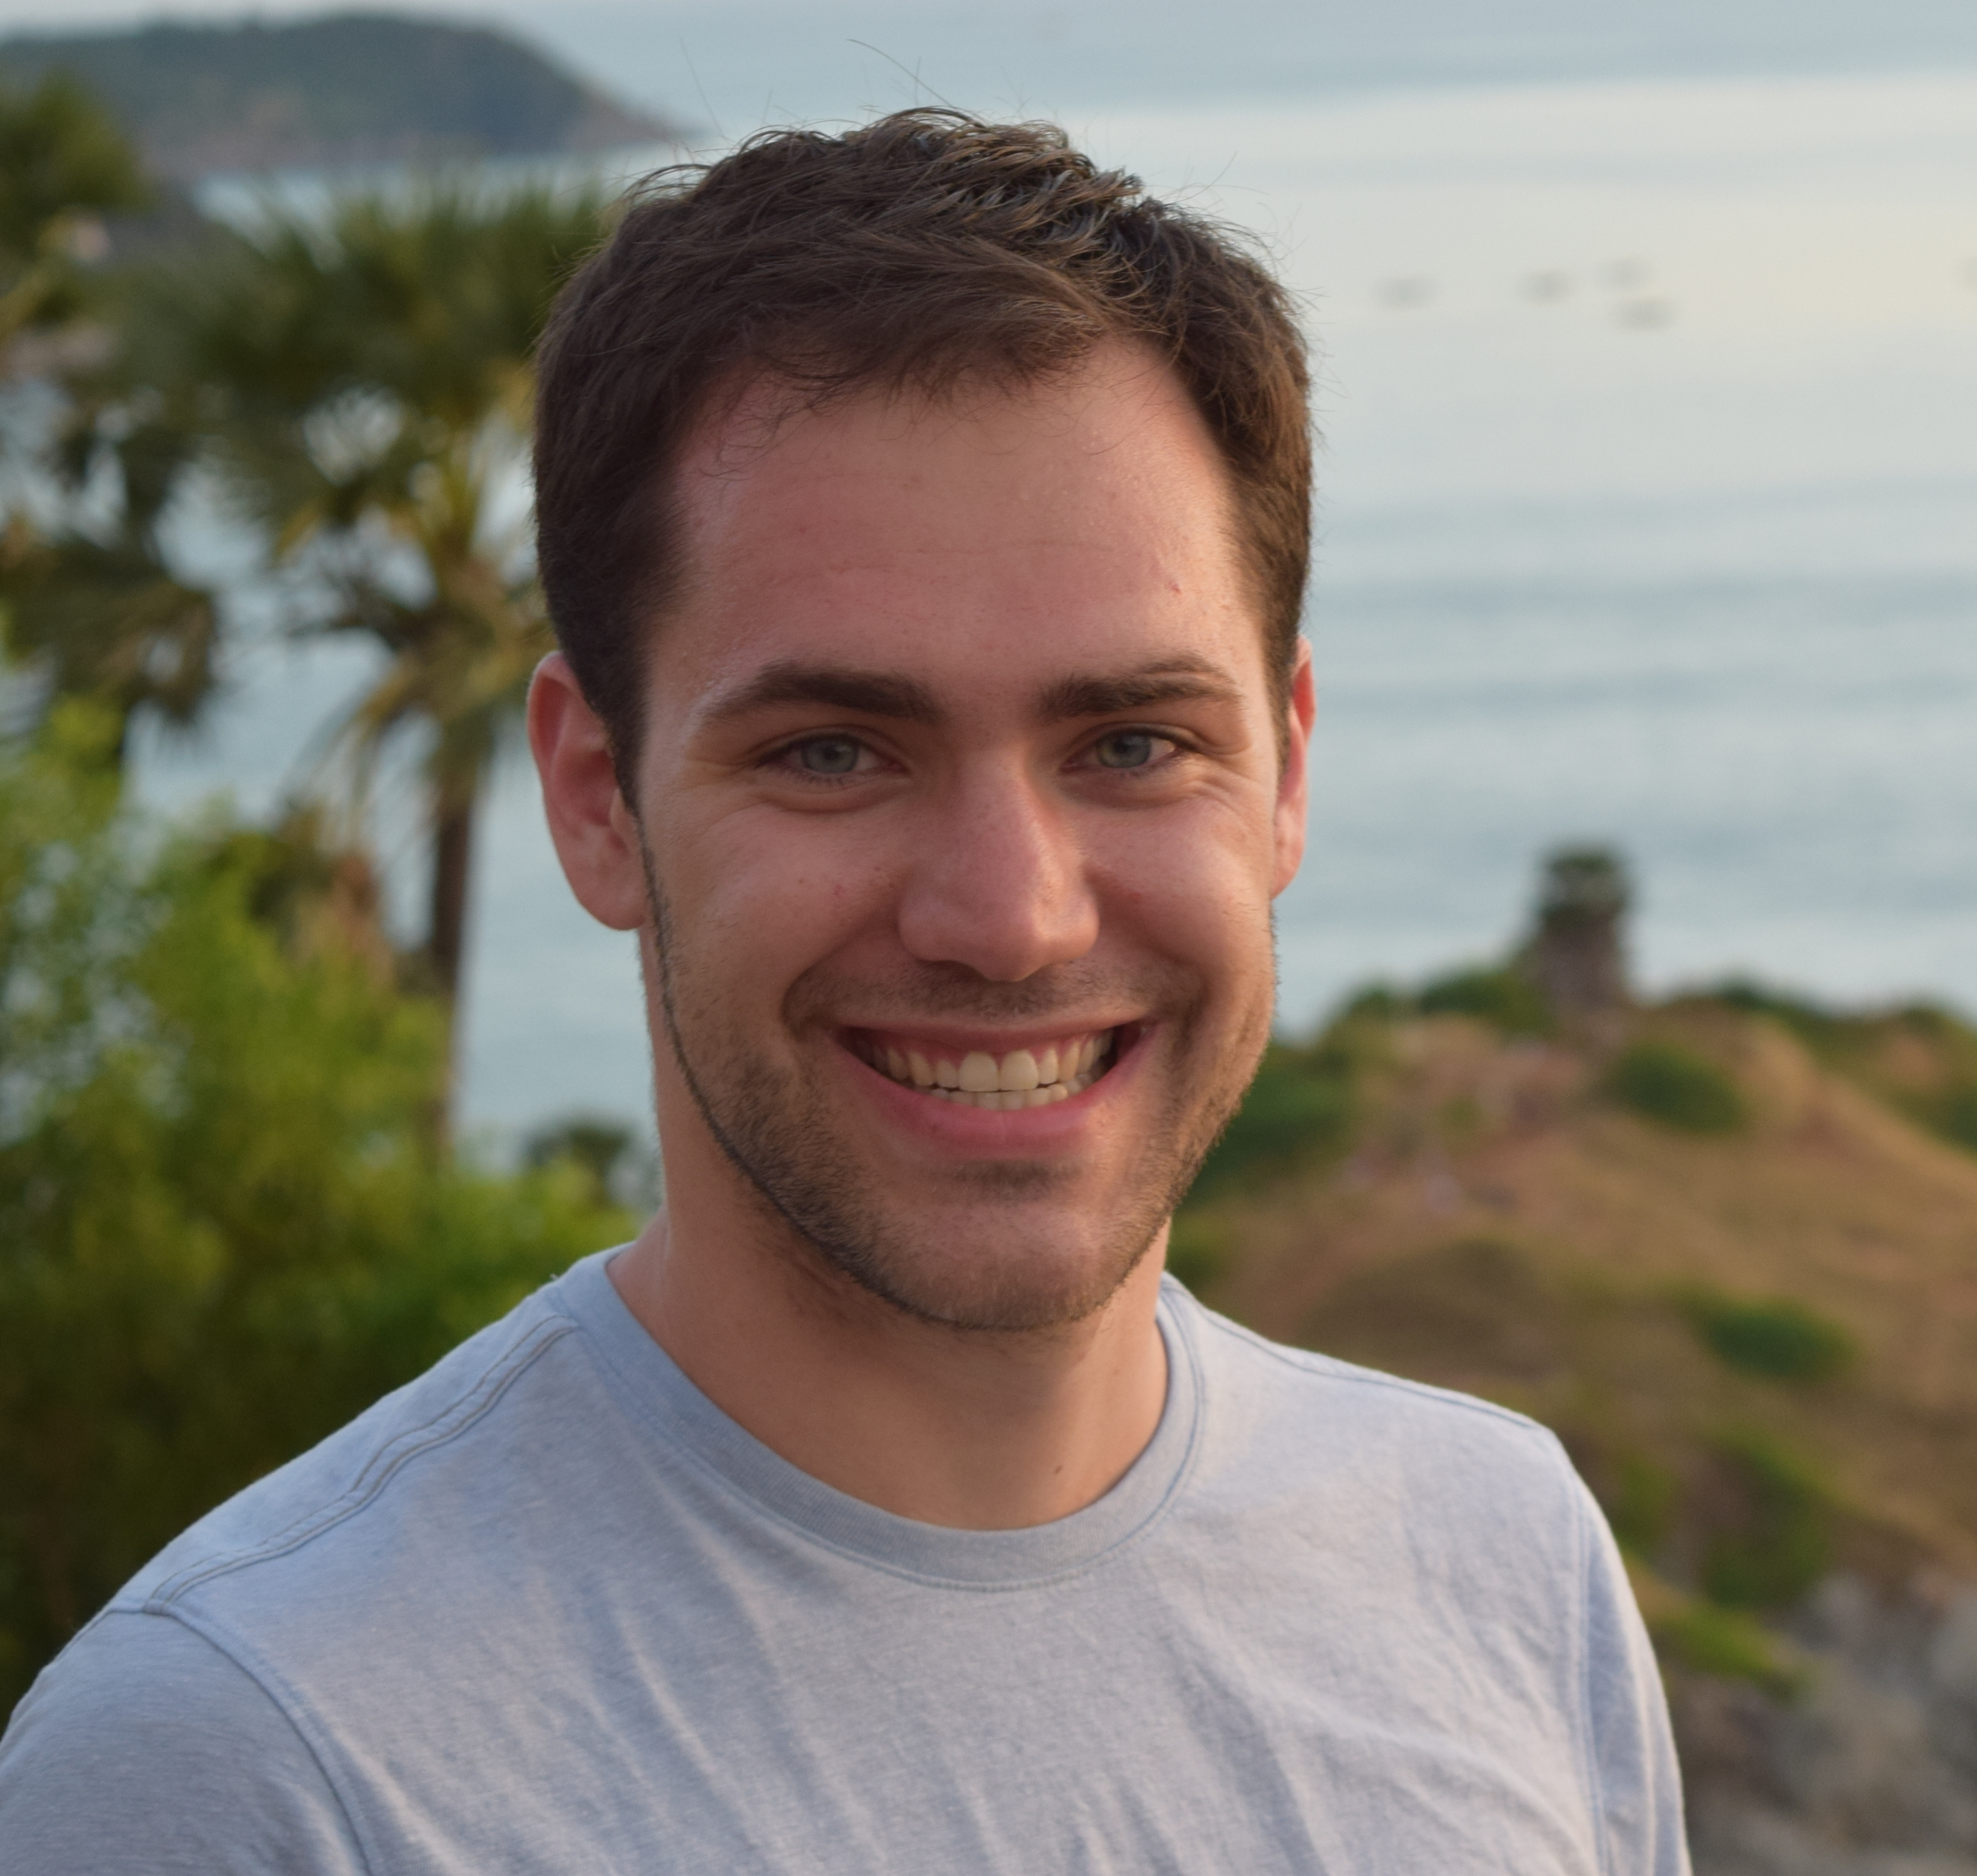 Michael Kellman